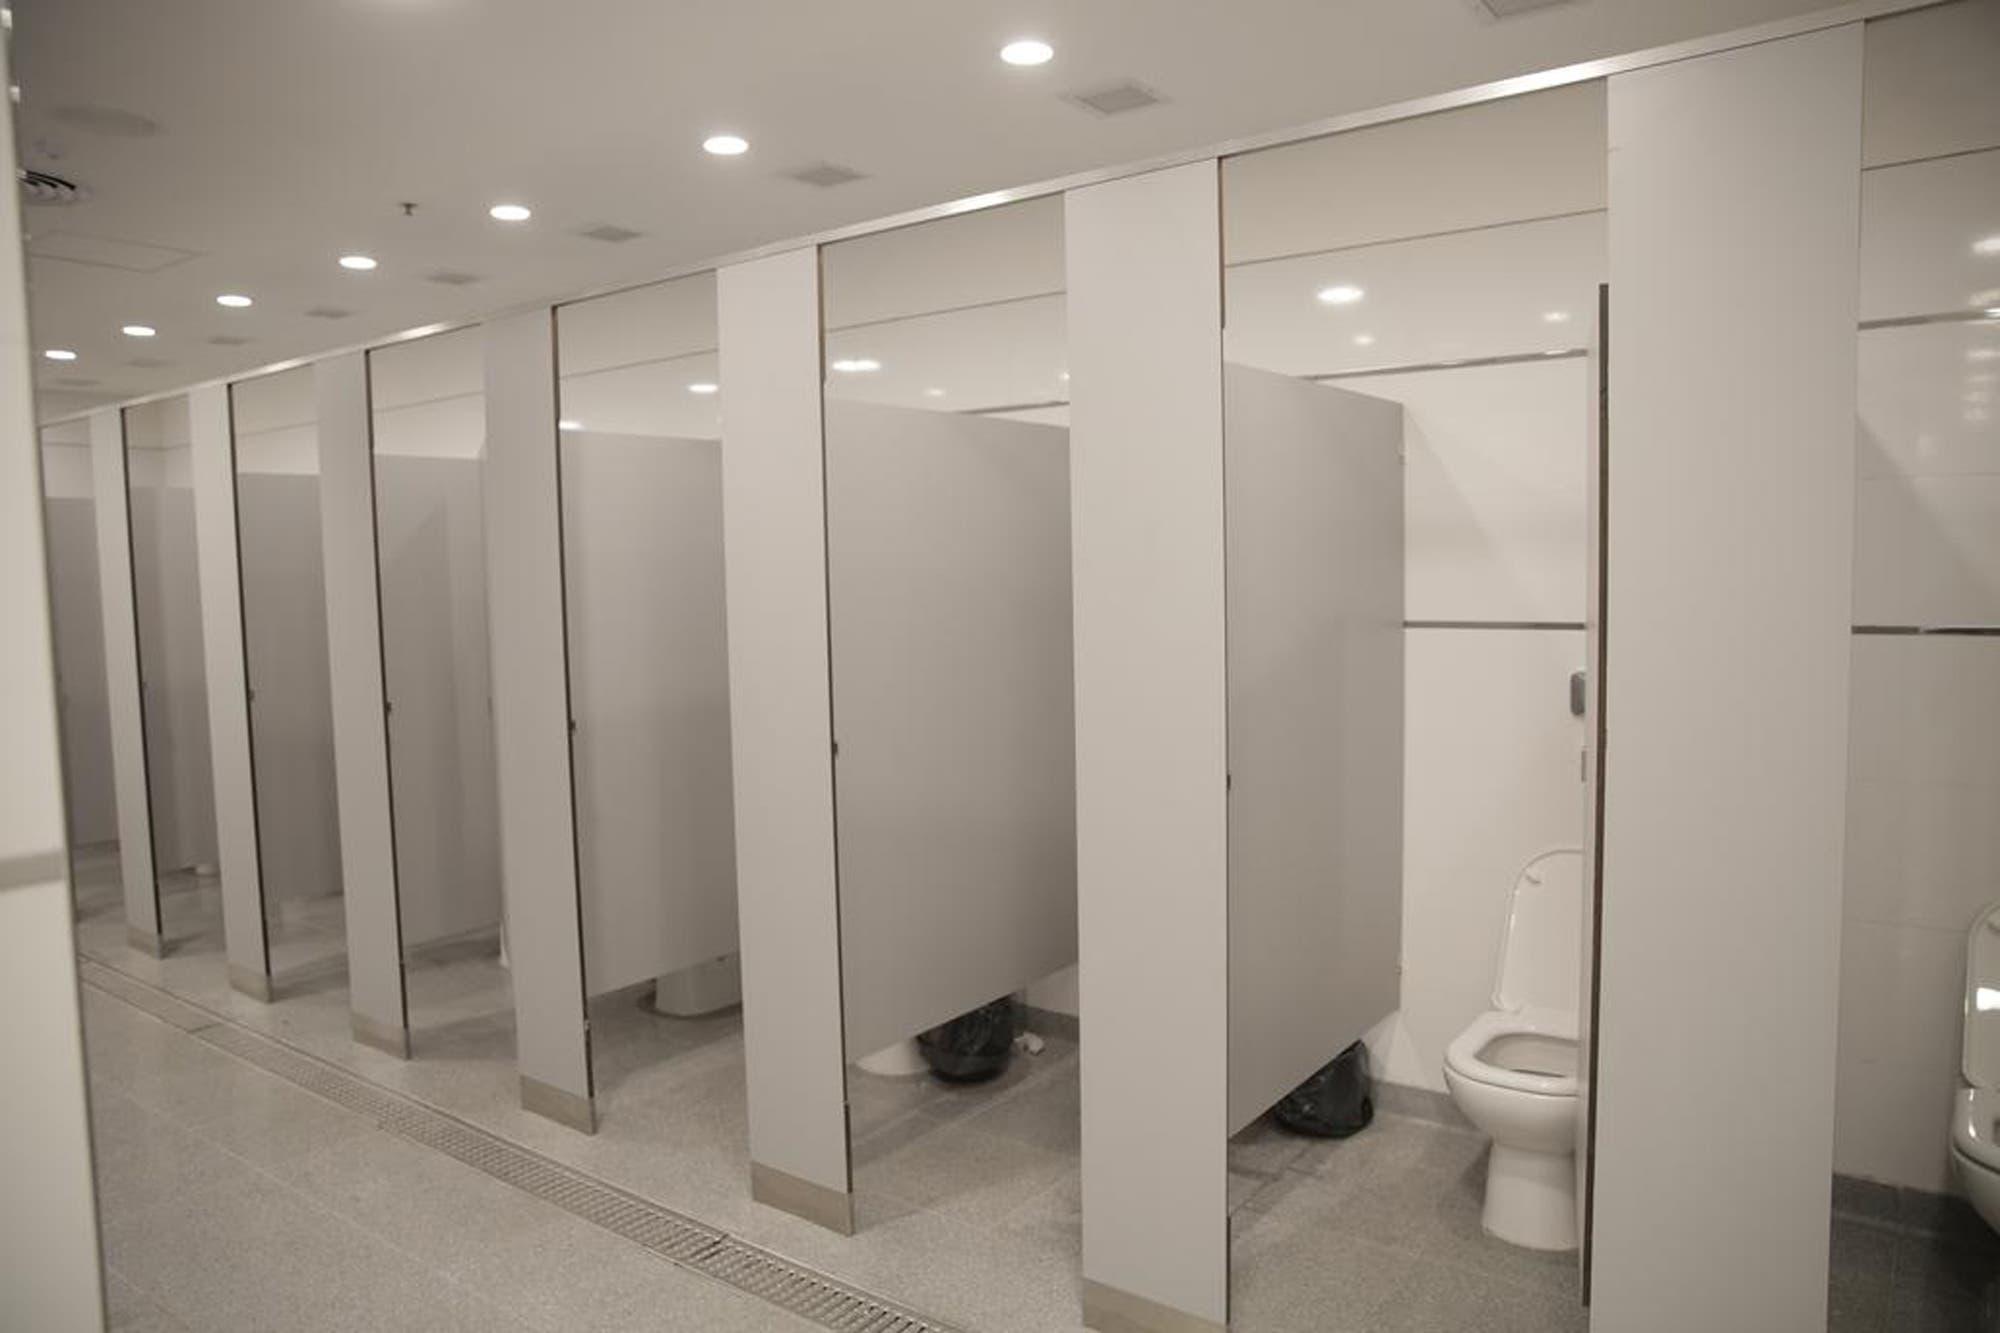 Buscan que haya baños sin distinción de género